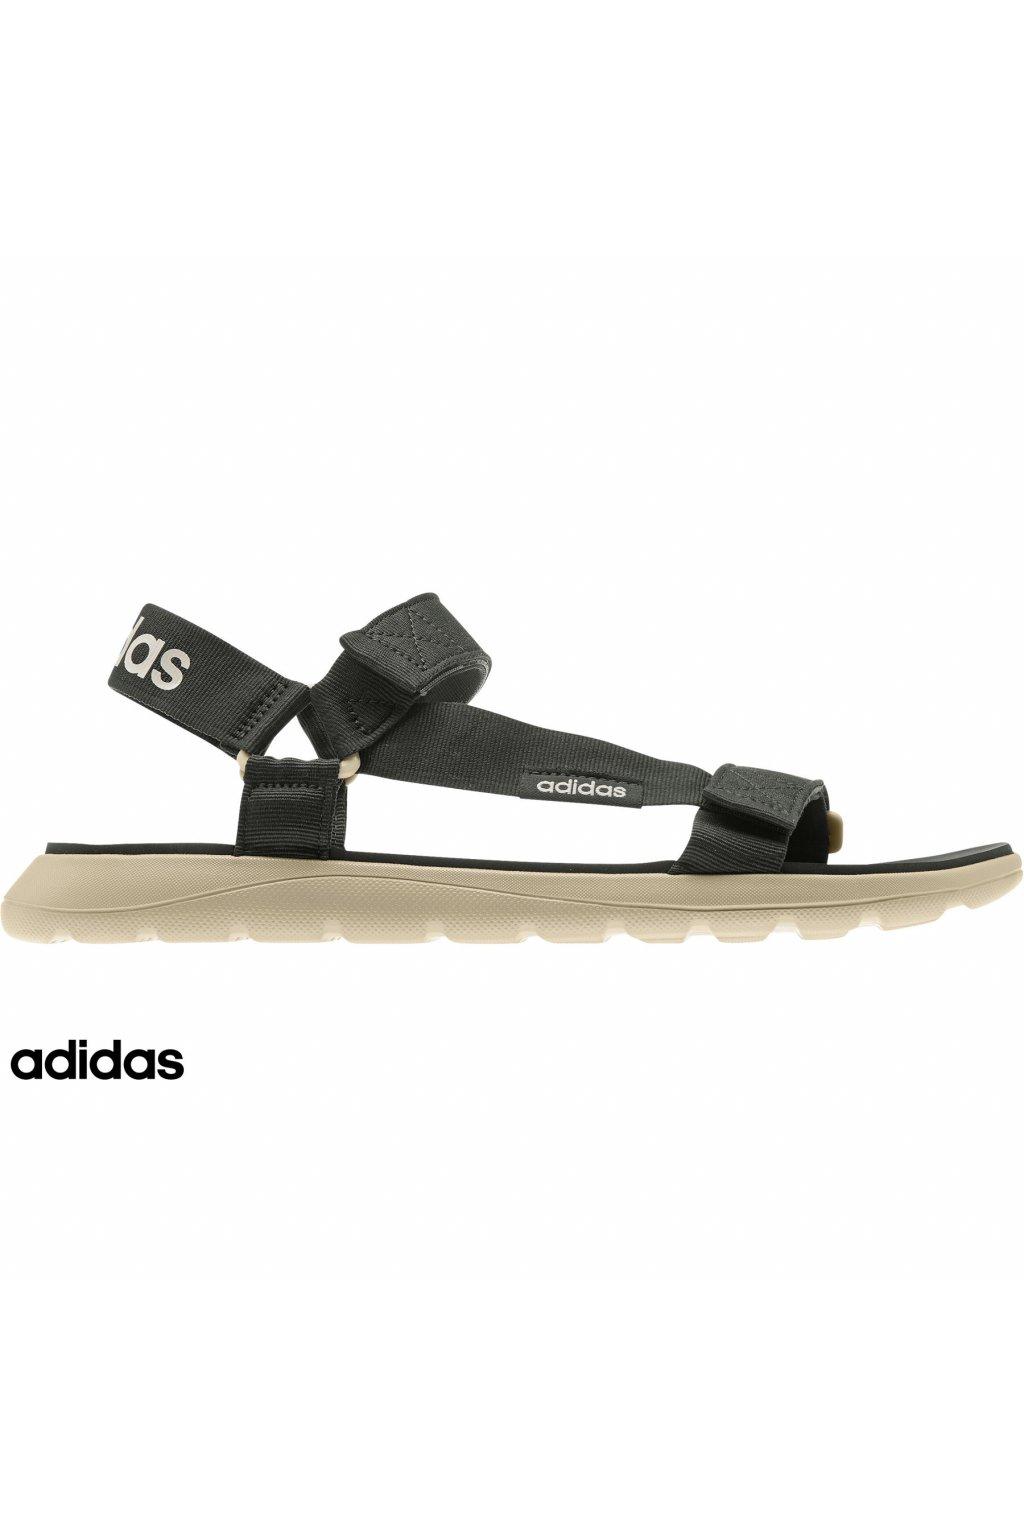 eg6515 panske sandale adidas comfort cierne